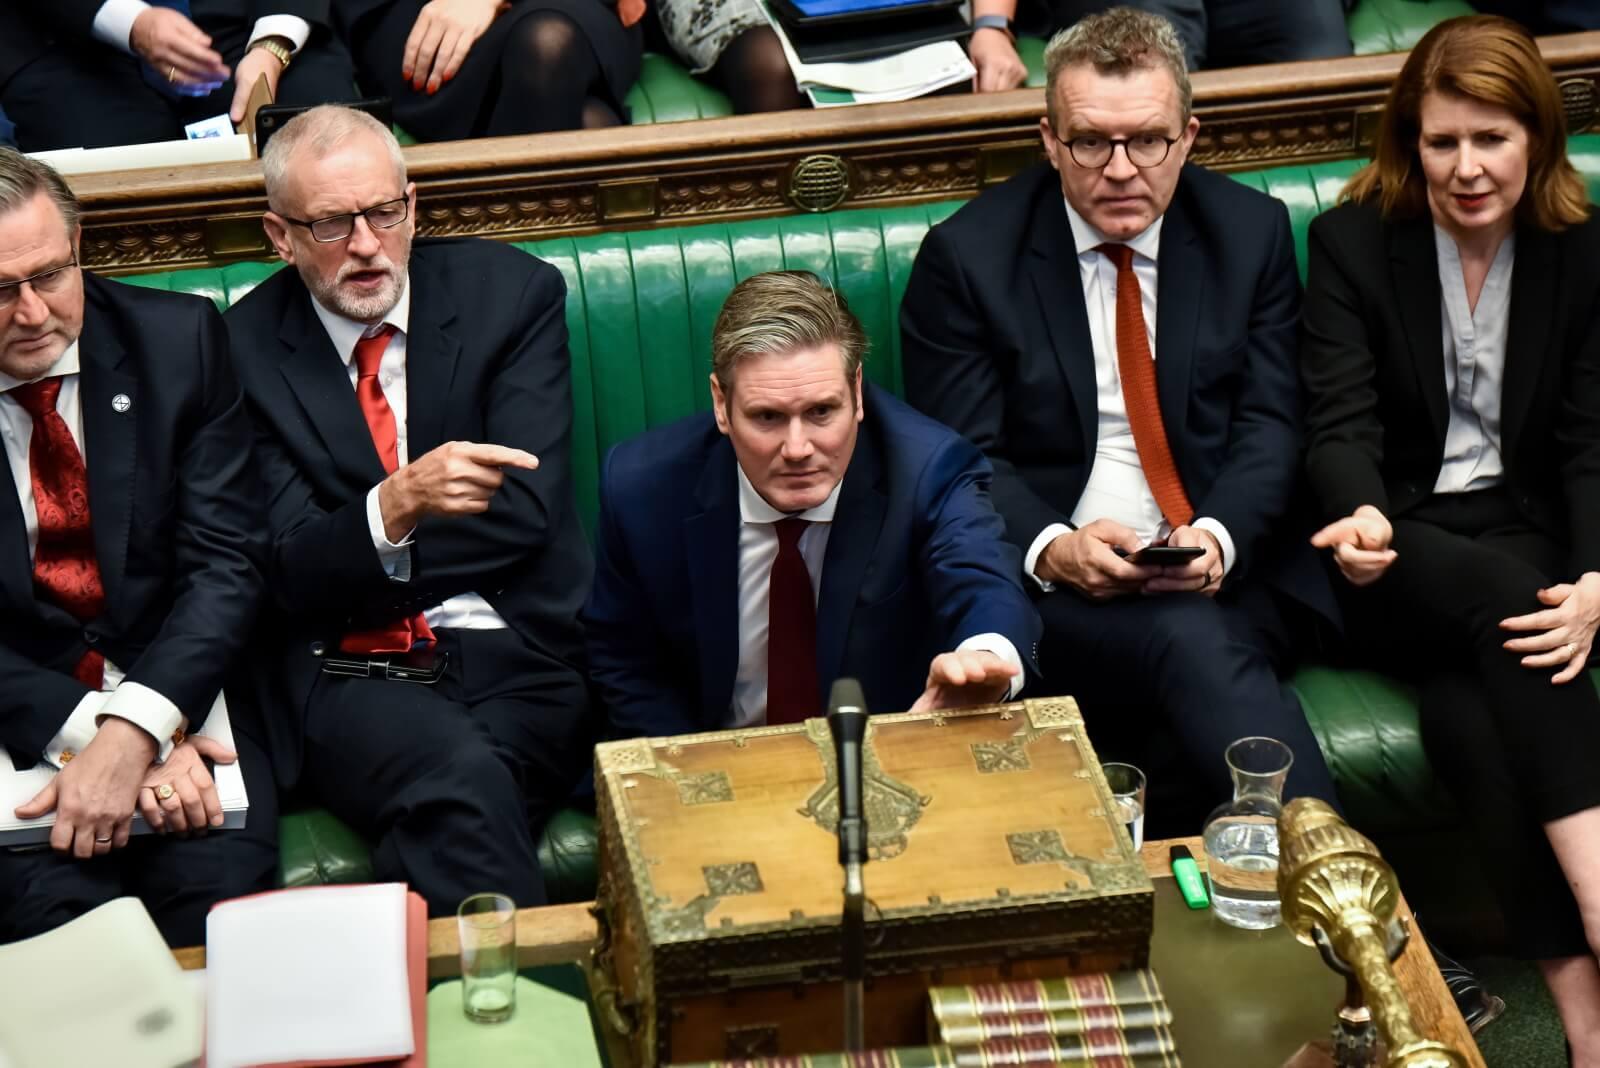 Głosowanie nad Brexitem w brytyjskim parlamencie fot. EPA/STEPHEN PIKE